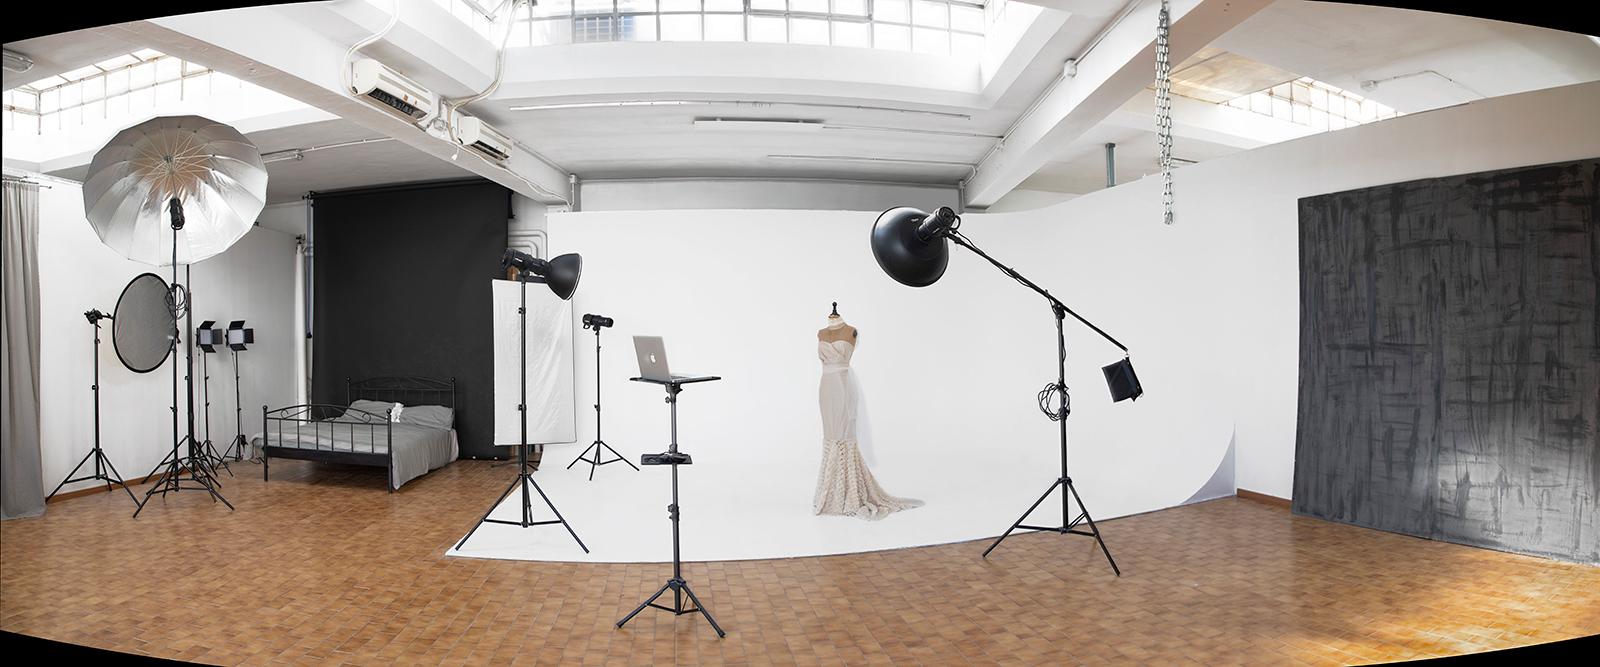 studio fotografico Torino sala posa Torino limbo